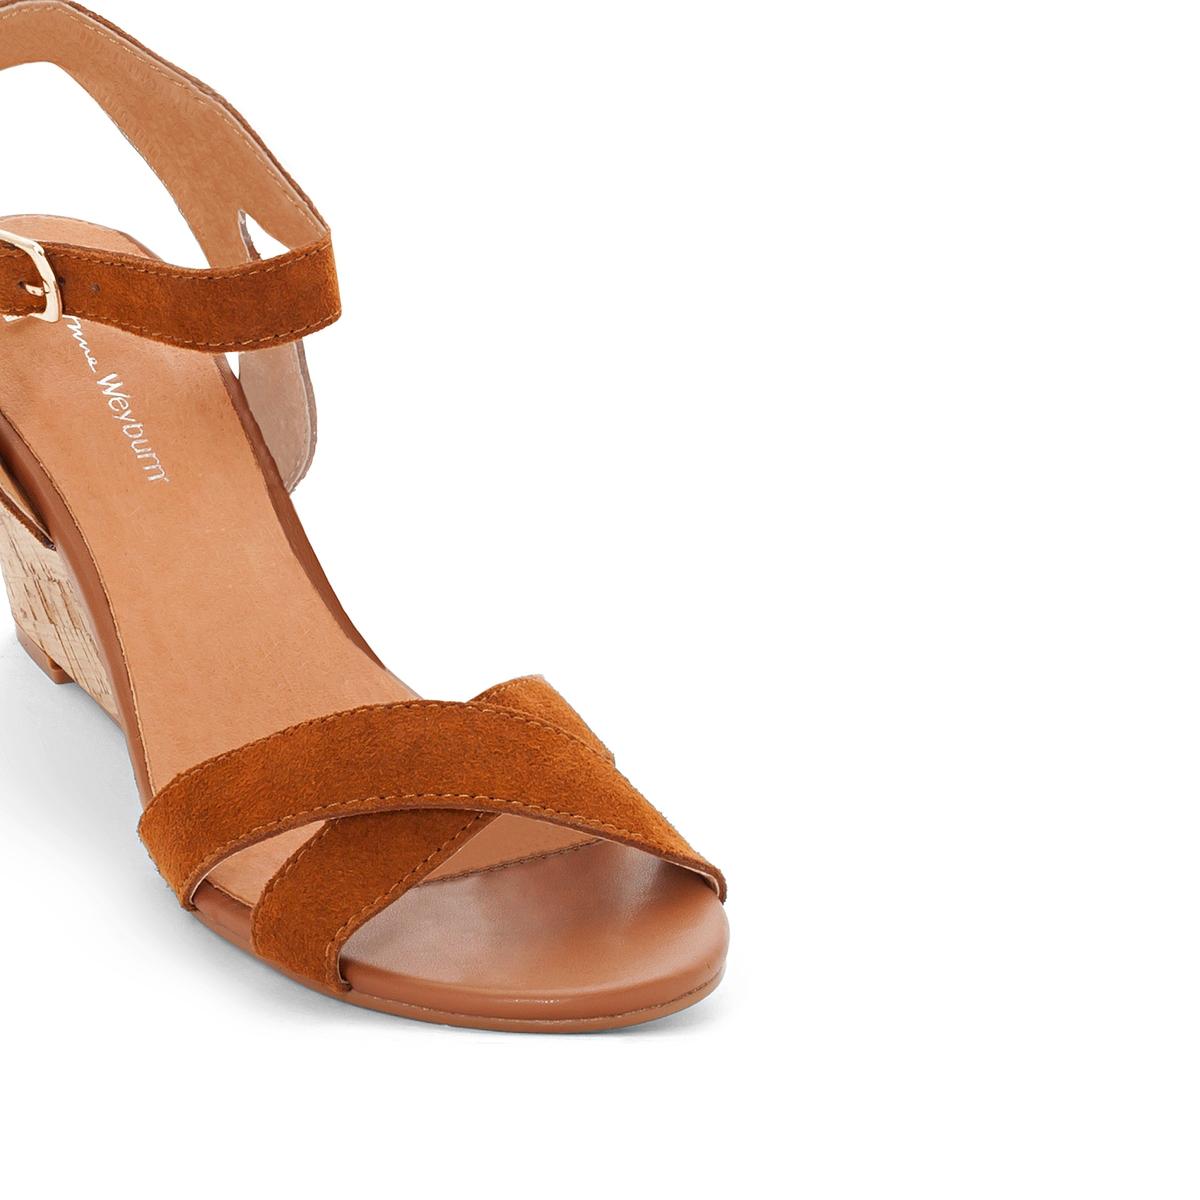 Босоножки на танкетке из пробкиБосоножки Anne Weyburn, изящные и утонченные, подходят для повседневного ношения.Верх : невыделанная кожа.Подкладка : кожа.Стелька : Кожа на подкладке из пеноматериала.Подошва : эластомер.Высота каблука : Танкетка из пробки, 7 см .<br><br>Цвет: темно-бежевый,черный<br>Размер: 36.41.37.38.40